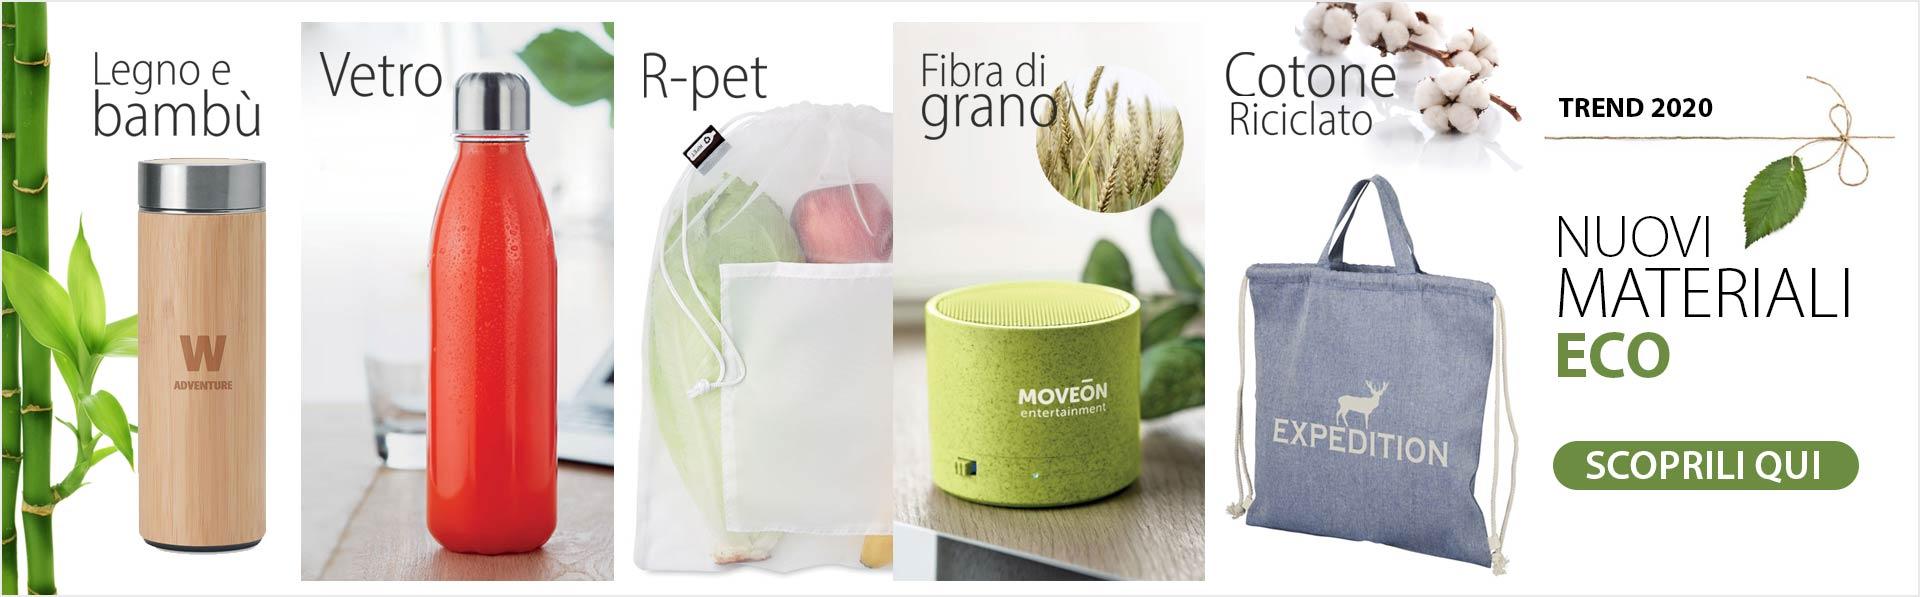 Gadget Nuovi Materiali ecologici e sostenibili